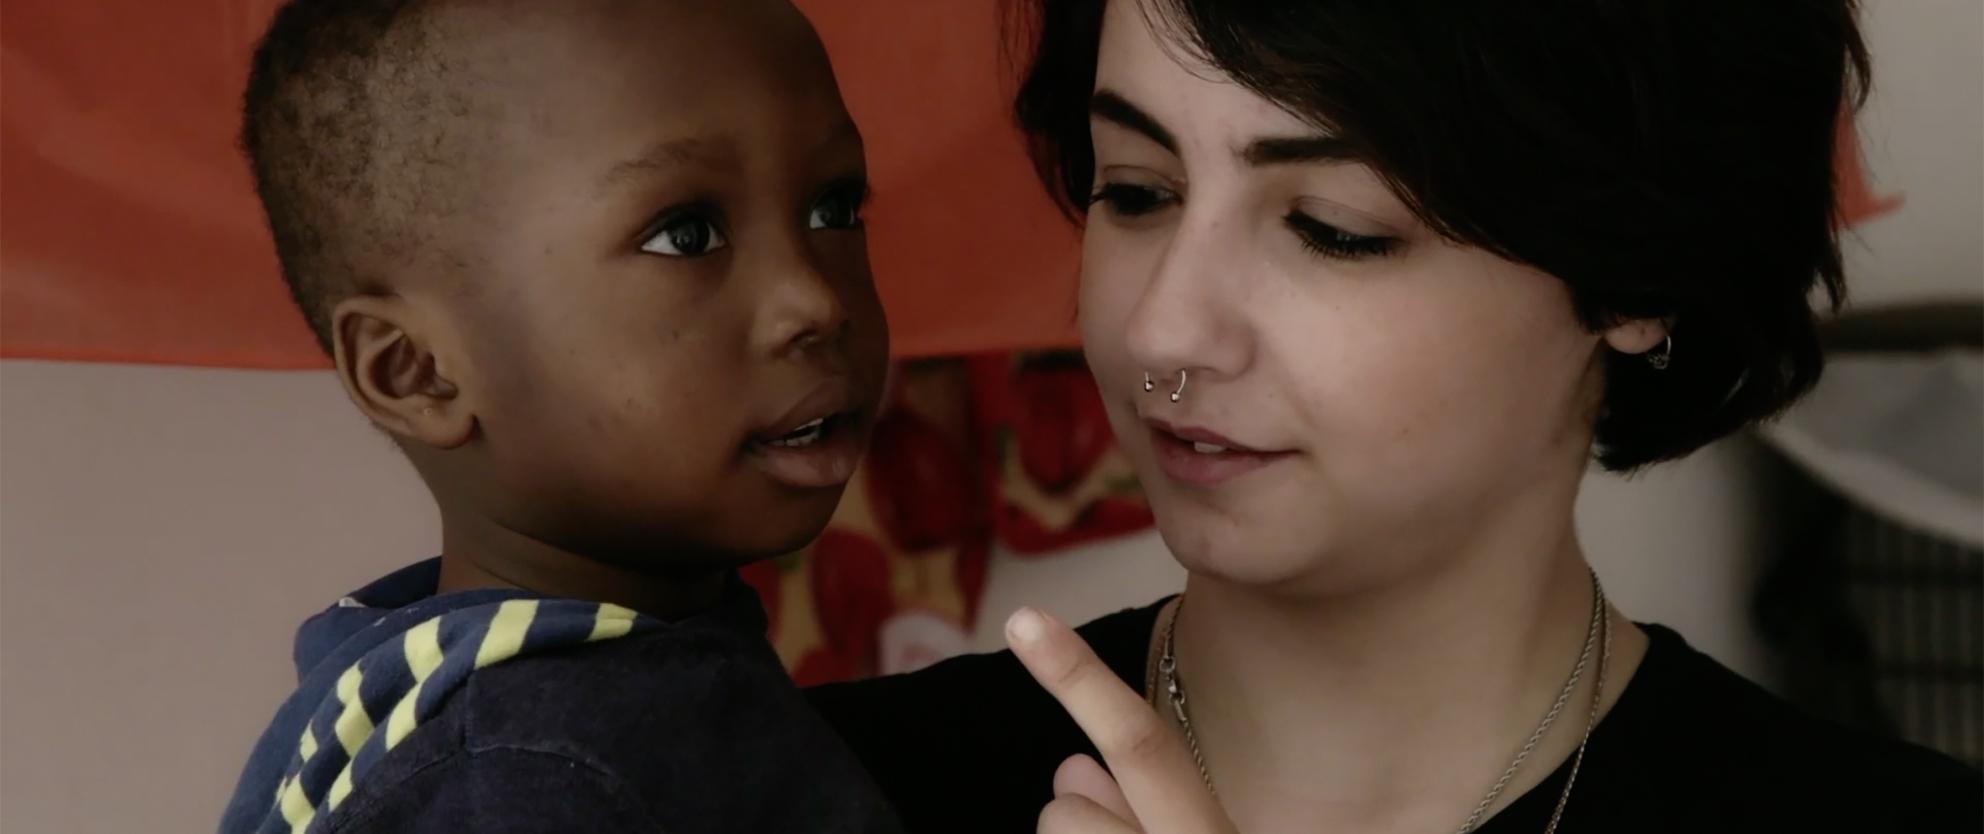 Dove bisogna stare: Jessica Cosenza con una bambino